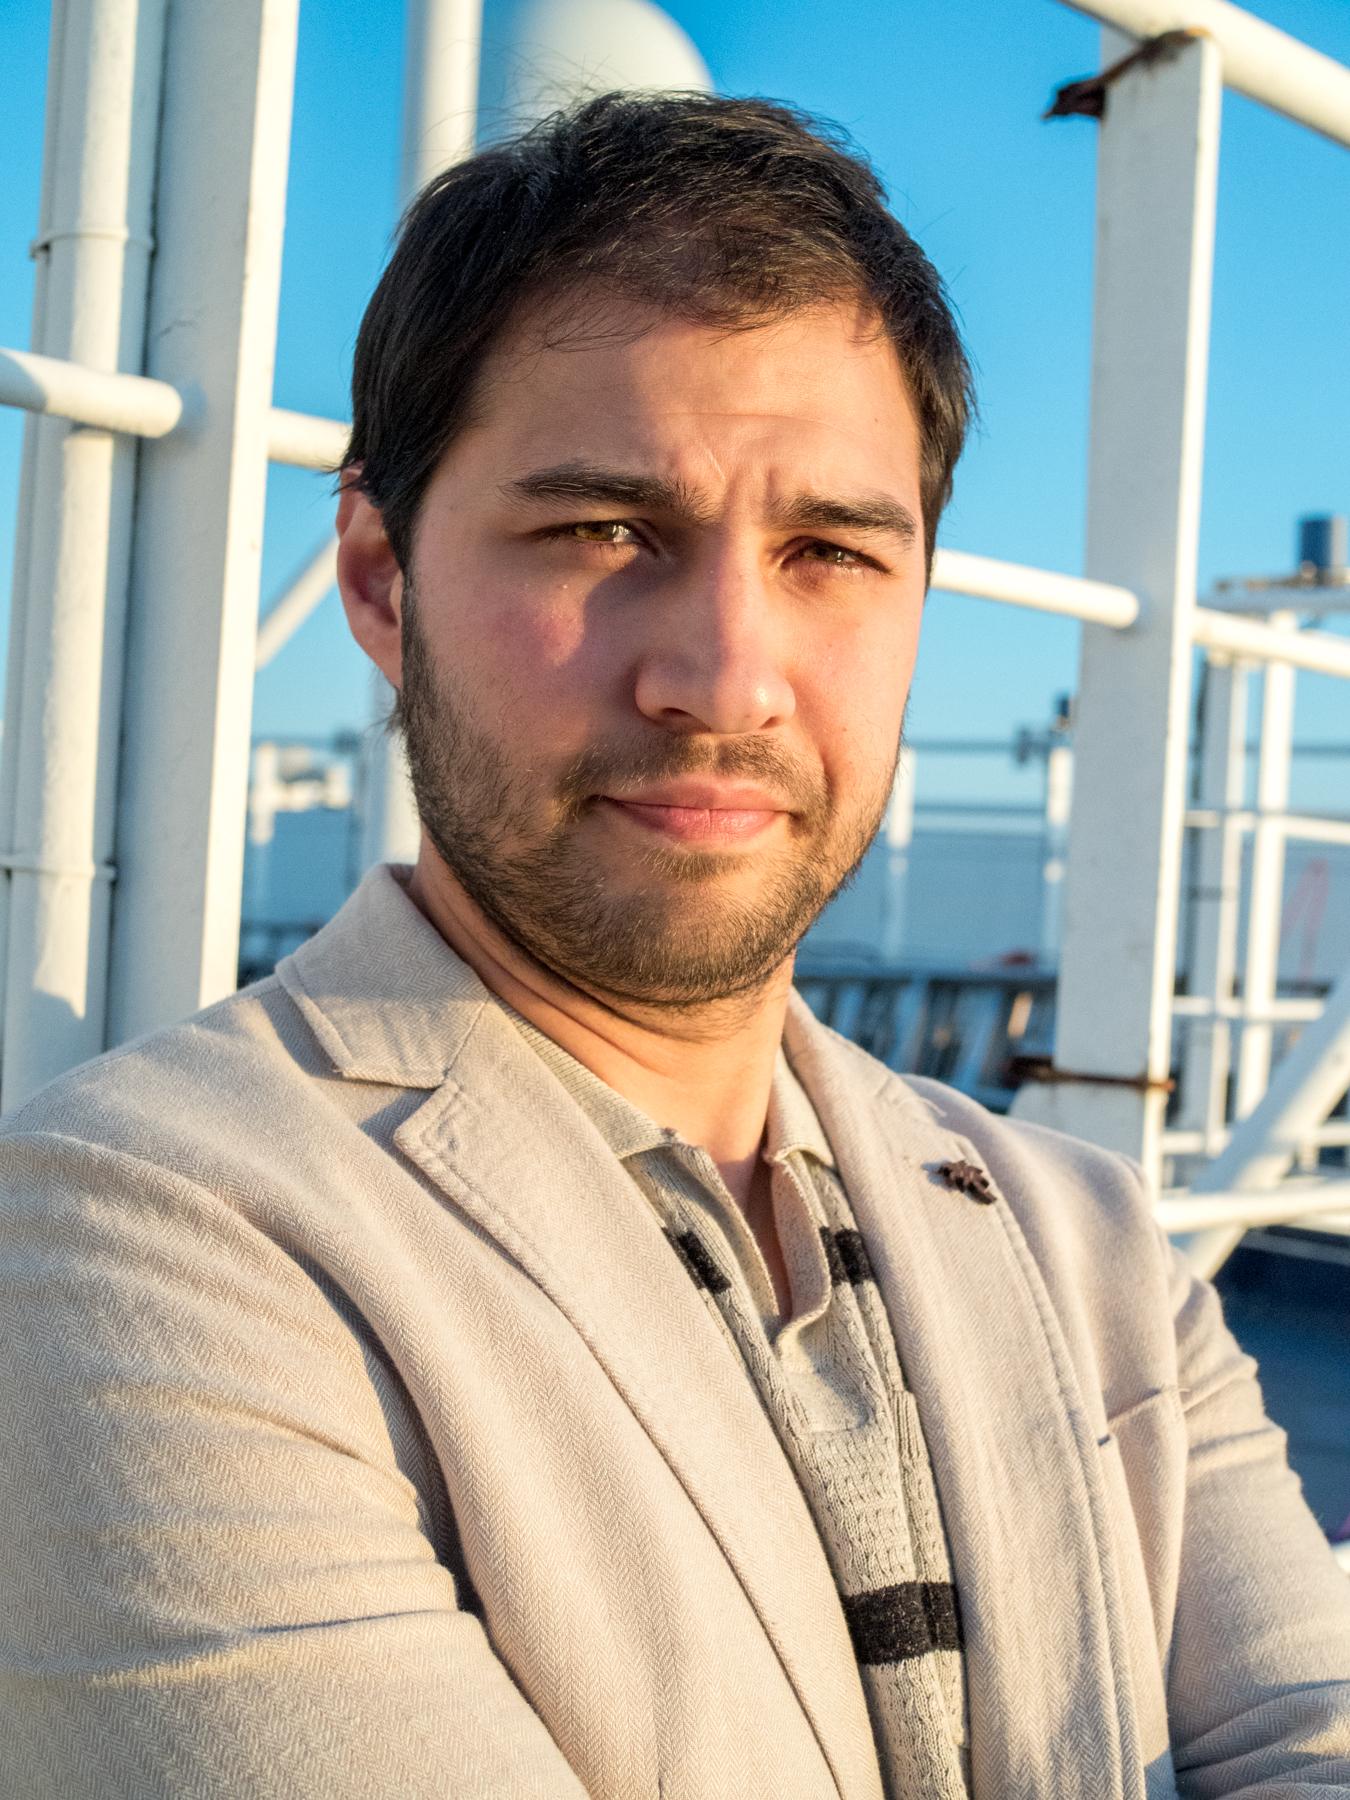 Alexander Trivedi